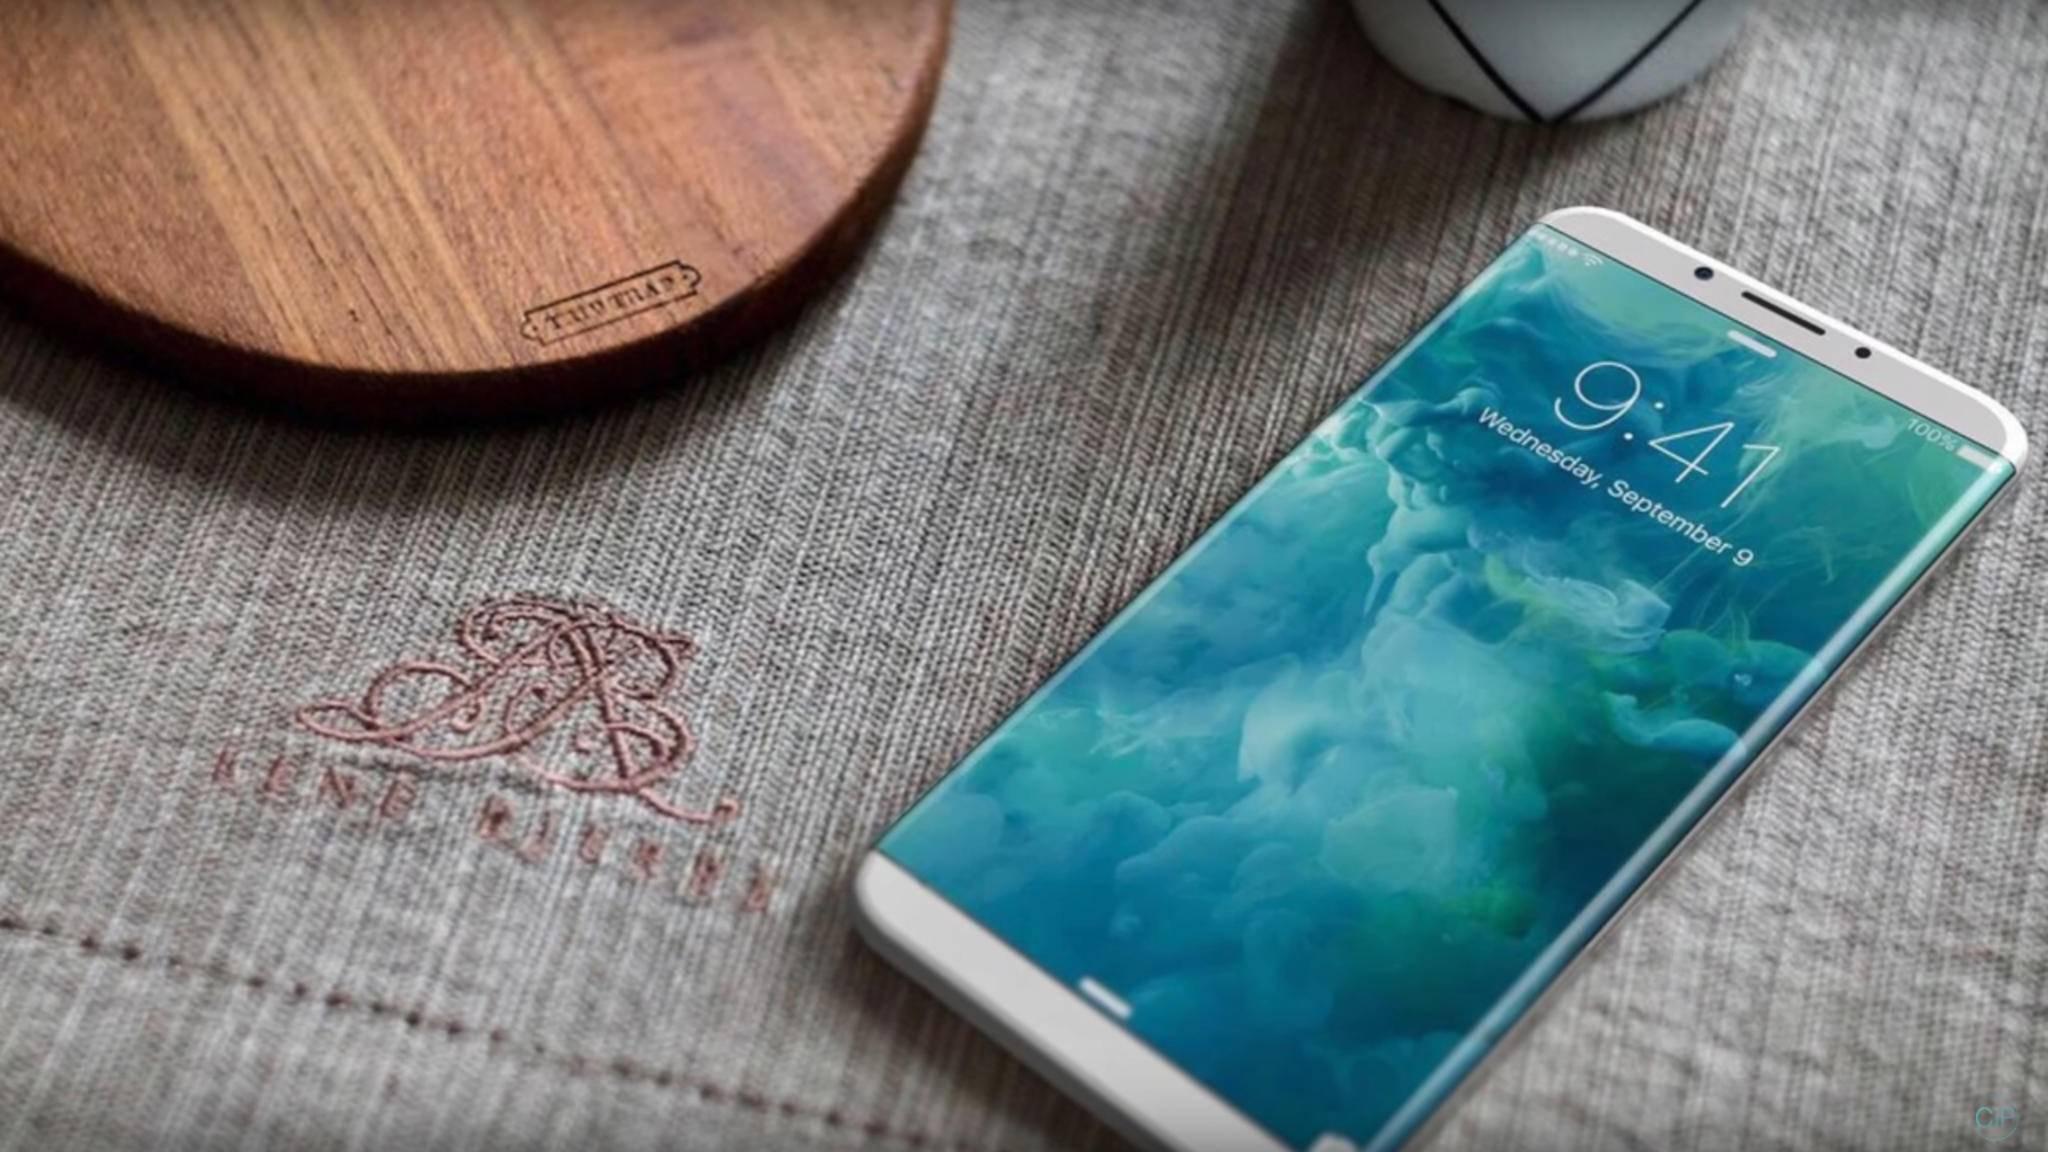 10 Jahre iPhone in 2017: Viel spricht dafür, dass das iPhone 8 genial wird.